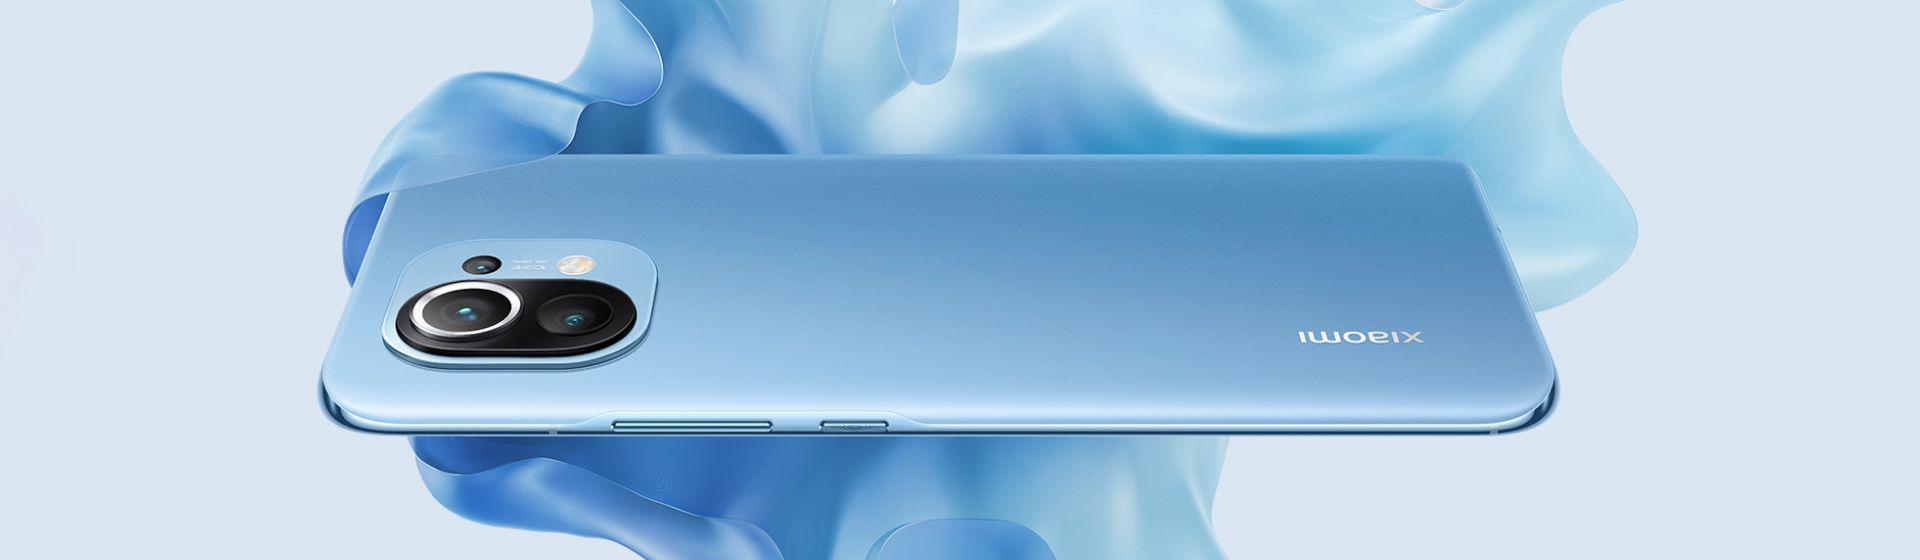 Tendência Apple: Xiaomi Mi 11 é lançado sem carregador na caixa